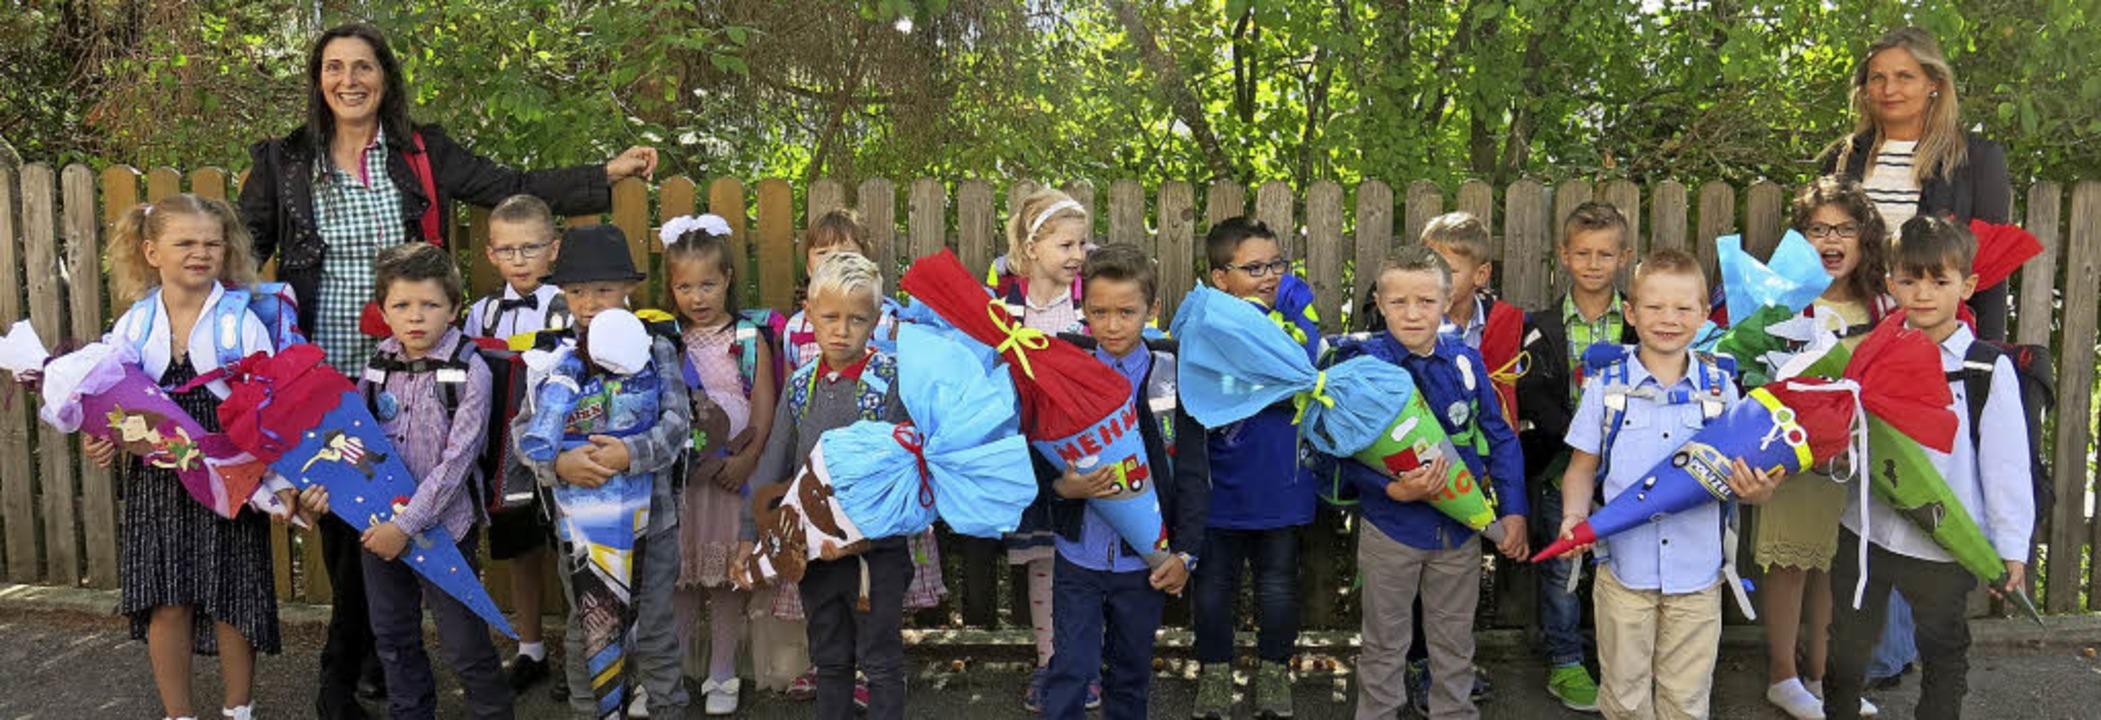 Die Klasse 1d geht am Schulstandort Bonndorf zur Schule.  | Foto: Erhard Morath